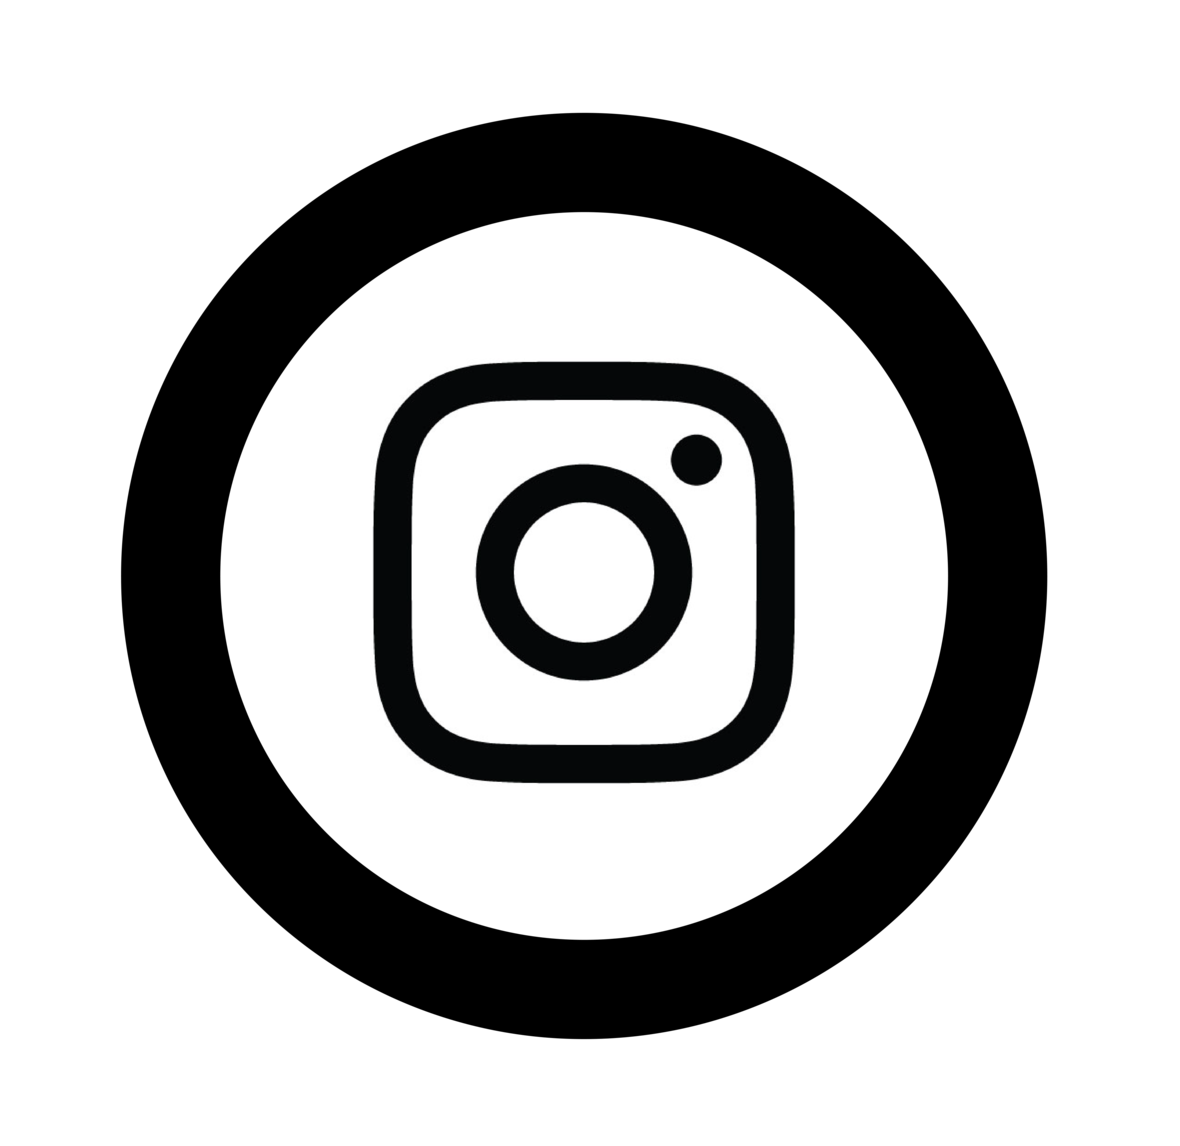 logo insta-01